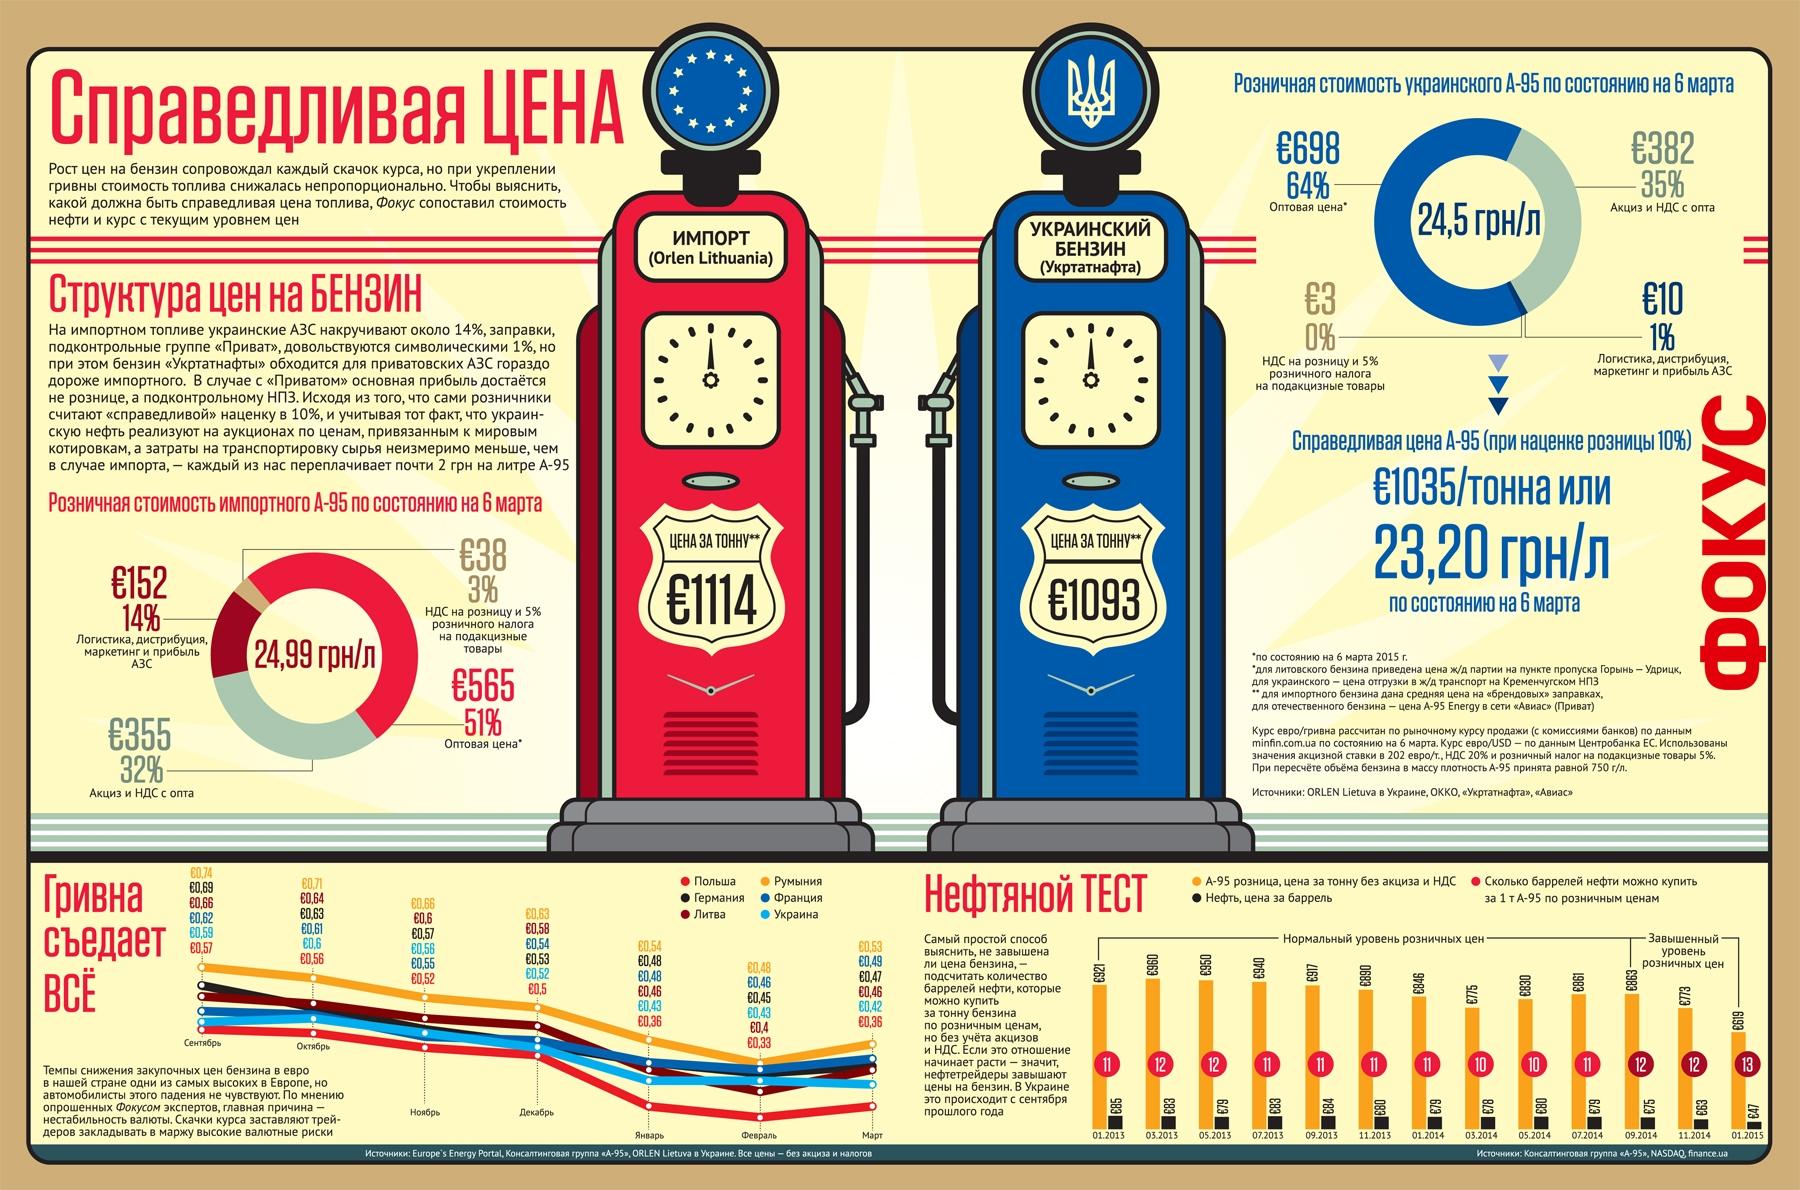 Инфографика: Справедливая цена на бензин в Украине